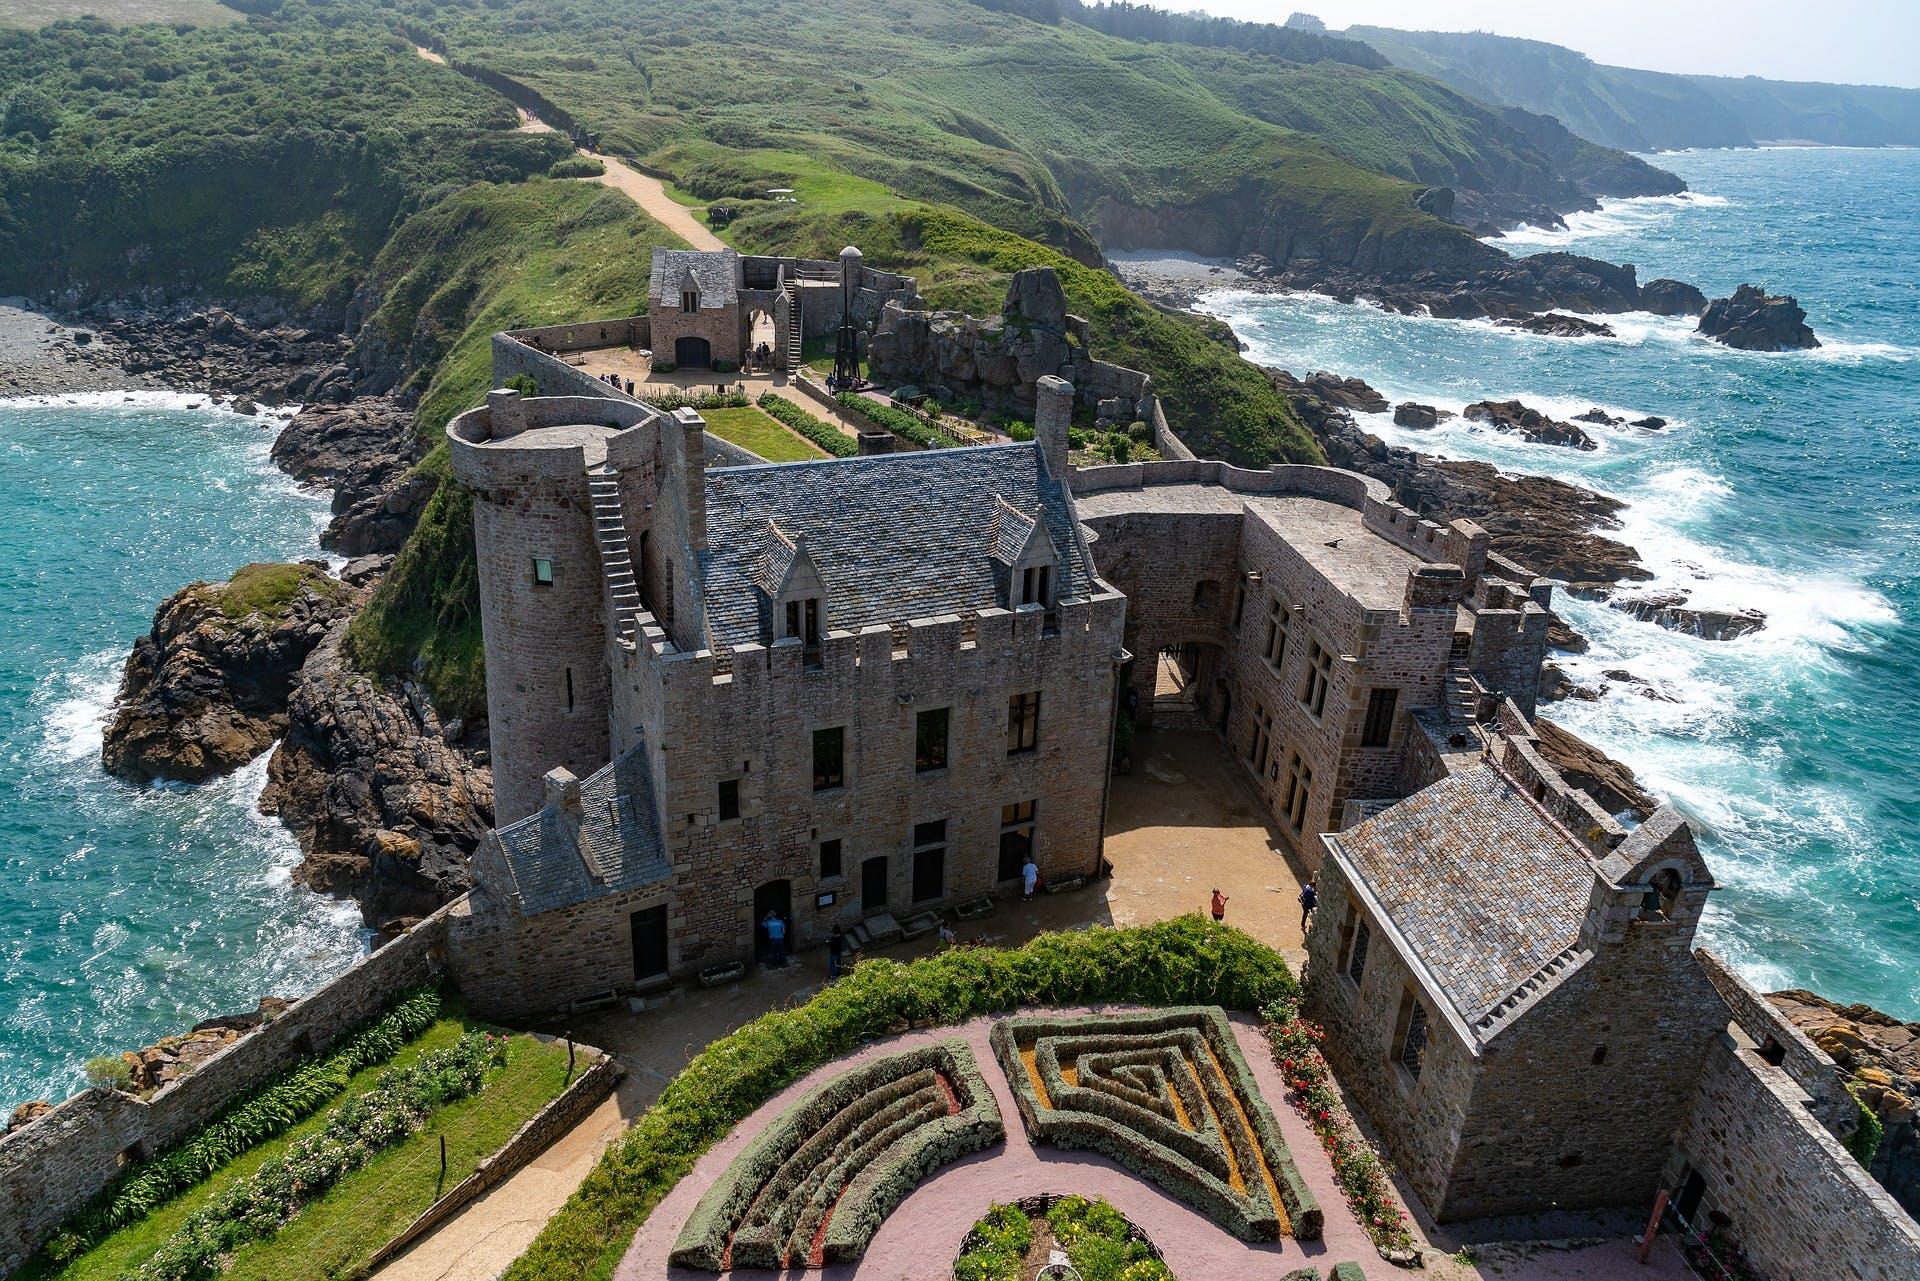 Campercontact - información del país Castillo de La Latte 'Fort La Latte', Bretaña